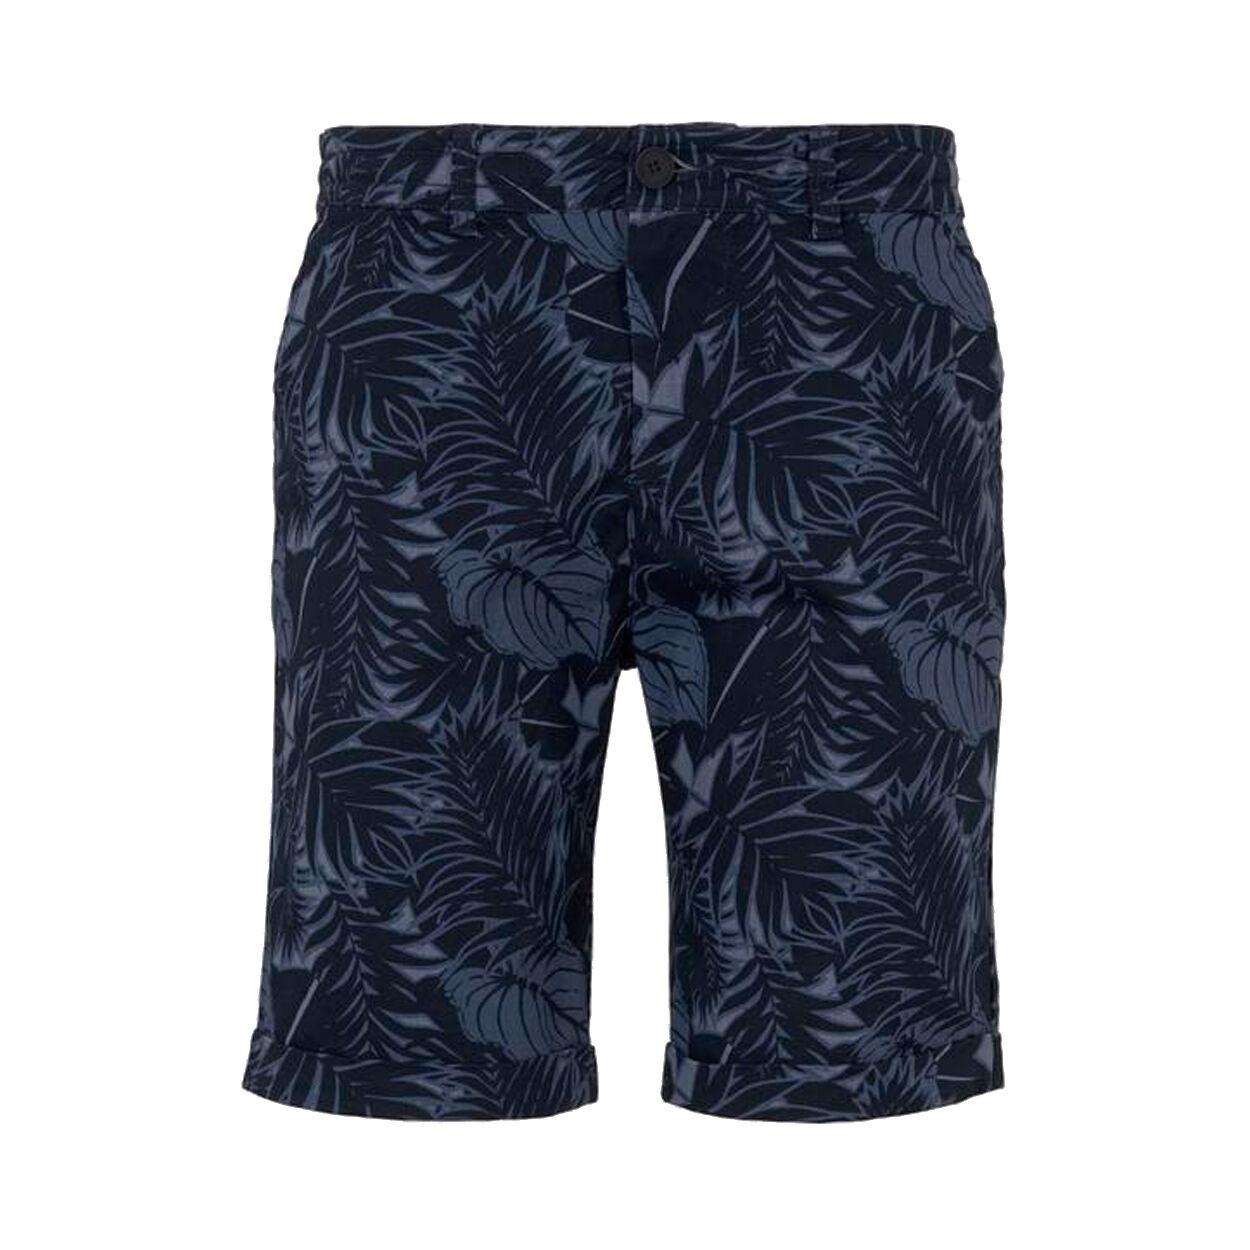 Tom Tailor Short Chino Tom Tailor en coton stretch bleu marine à fleurs noires - BLEU MARINE - S